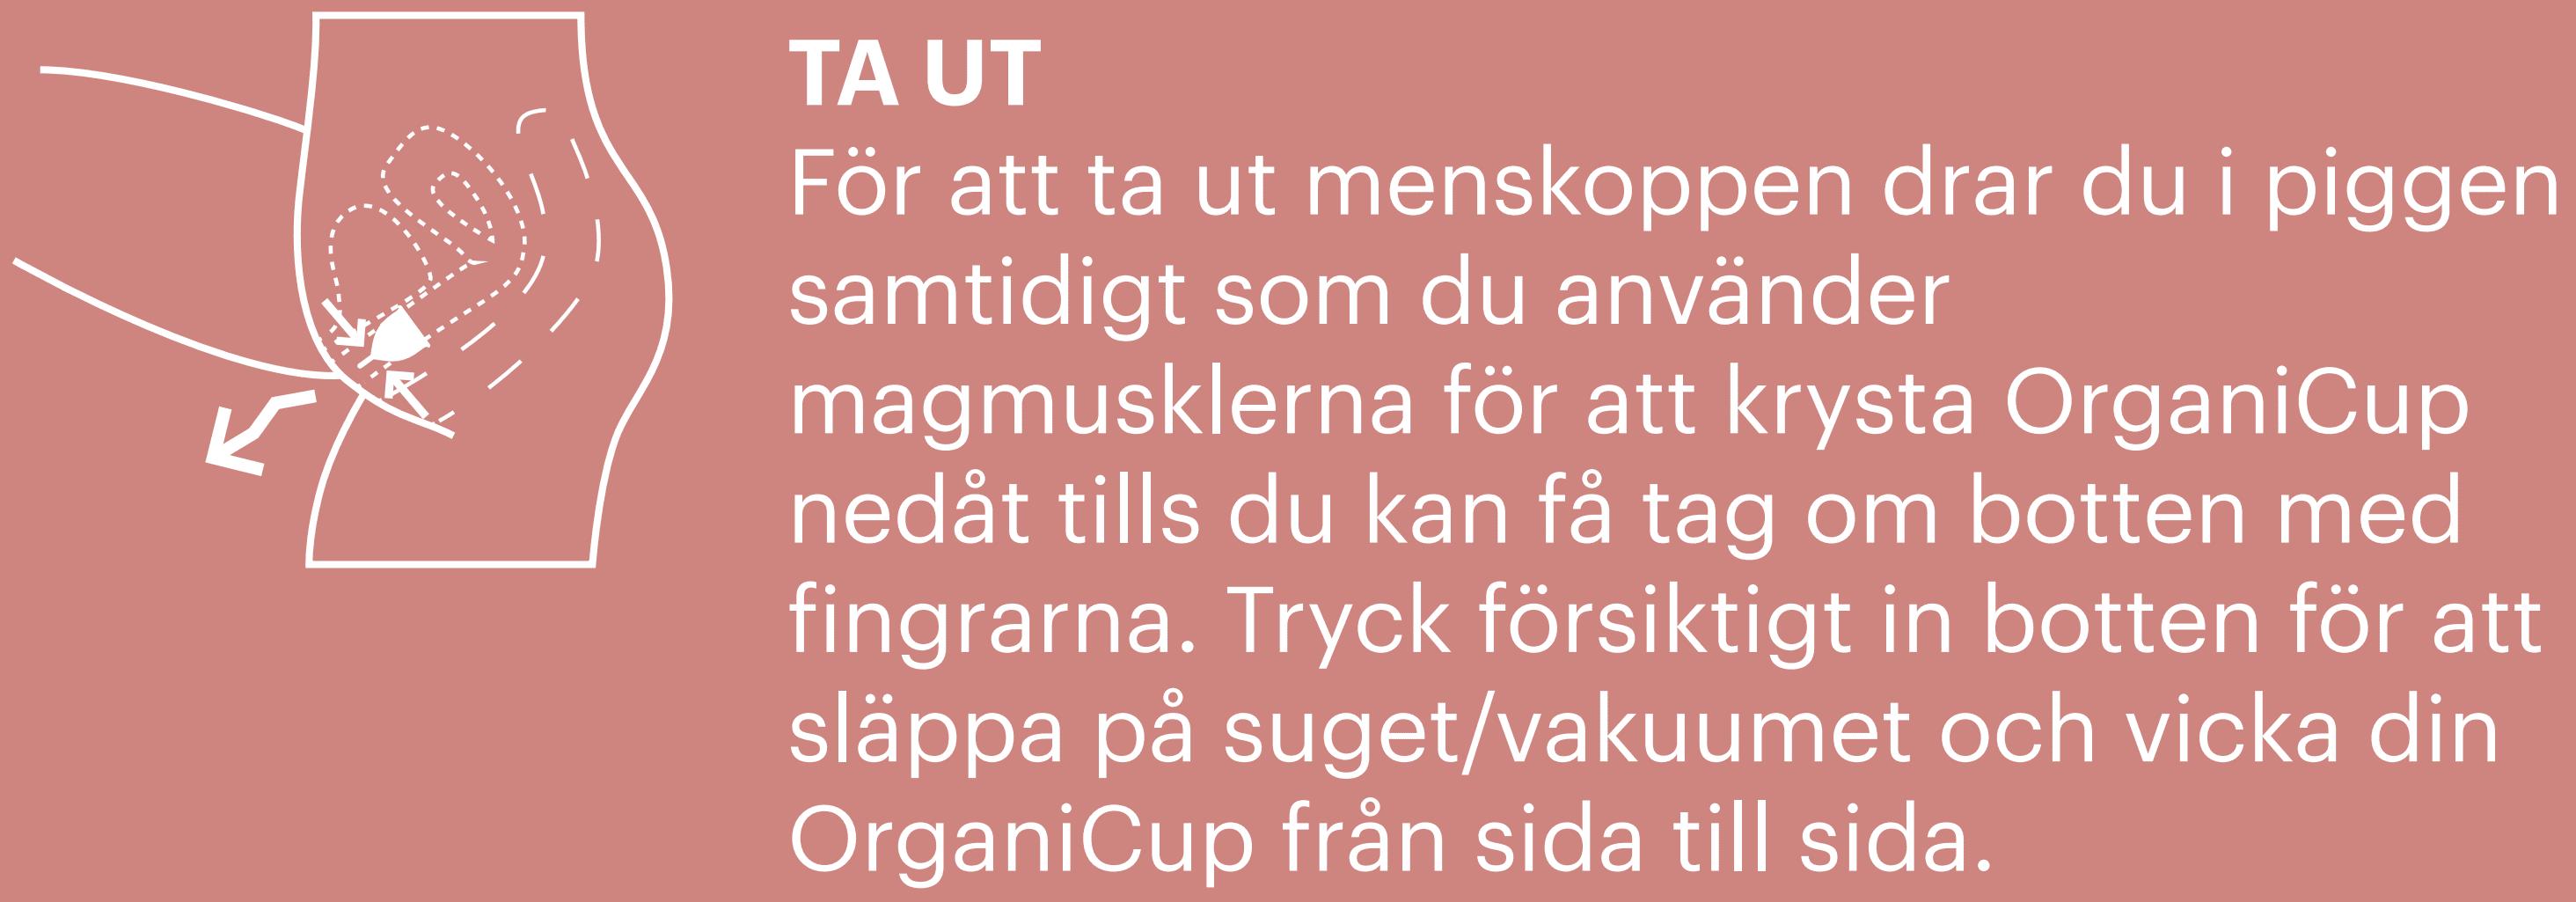 Remove menstrual cup